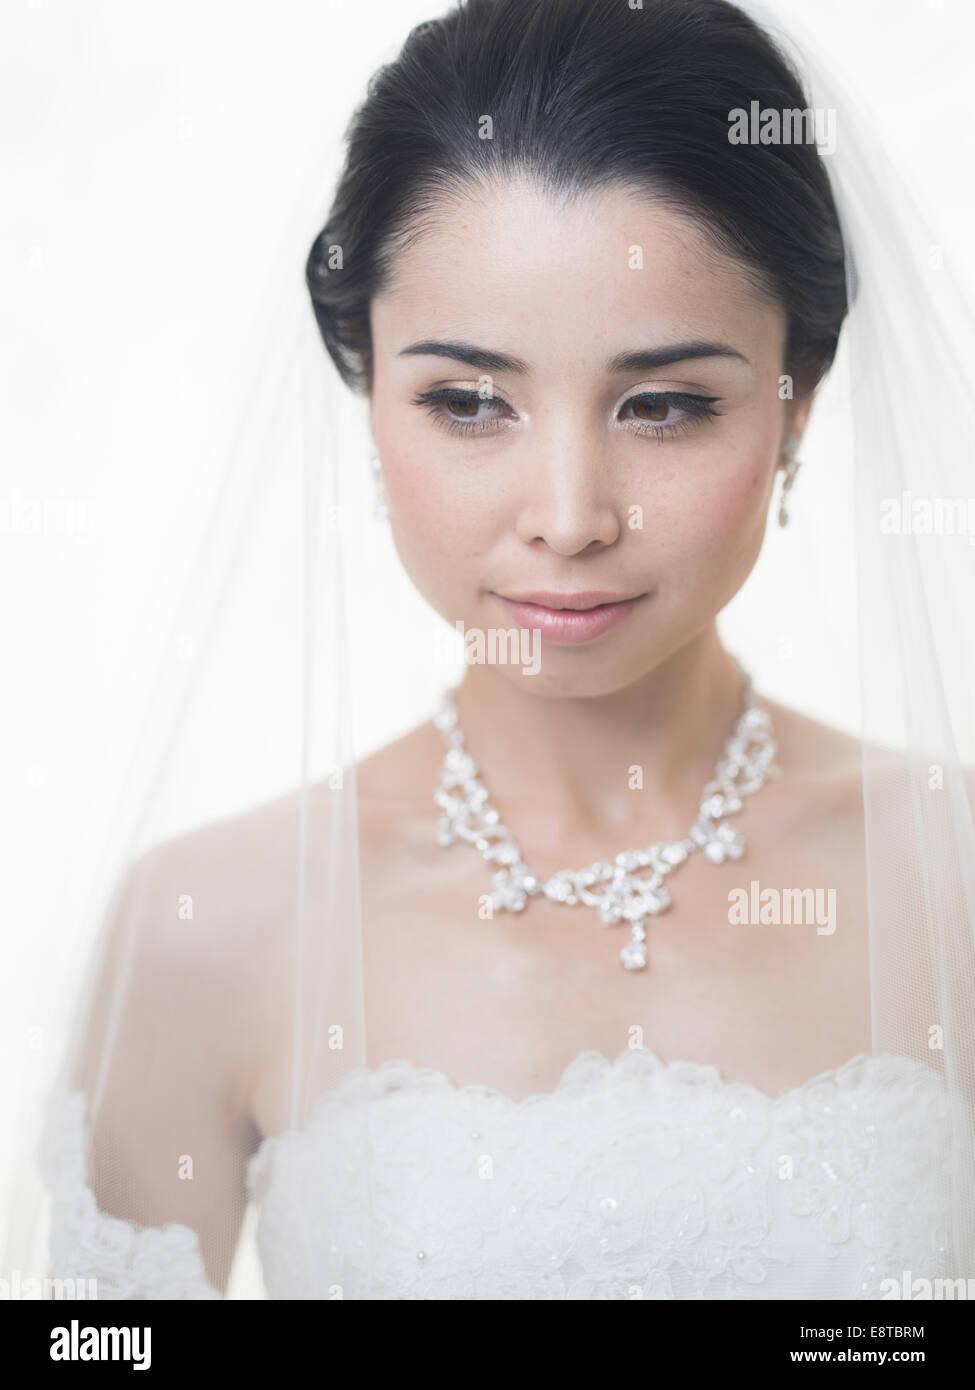 Razza mista, Asian / American sposa in bianco abito da sposa Immagini Stock